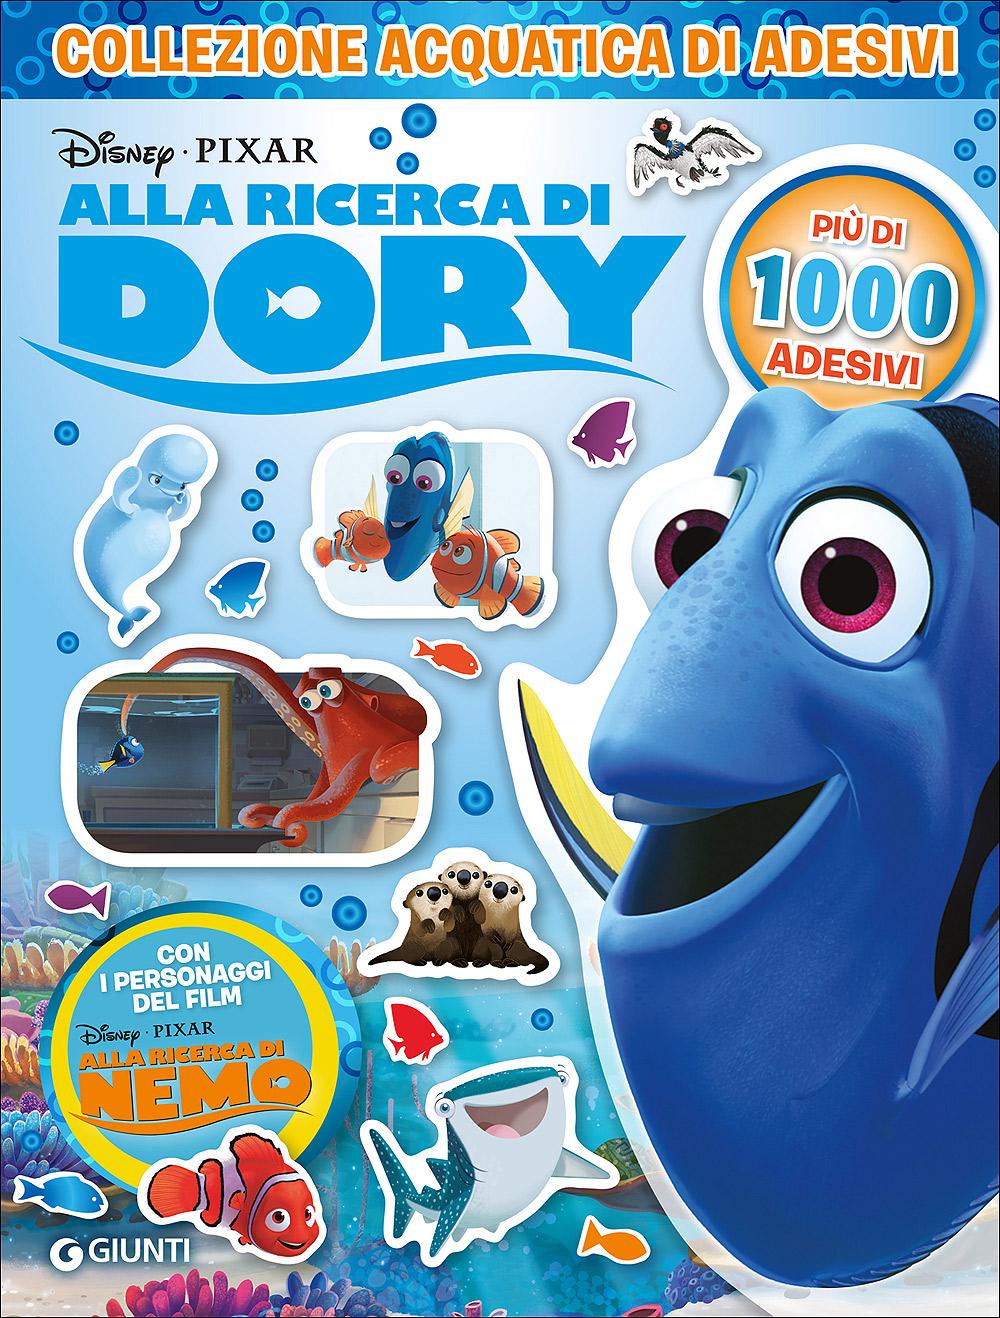 Collezione di Adesivi - Alla ricerca di Dory